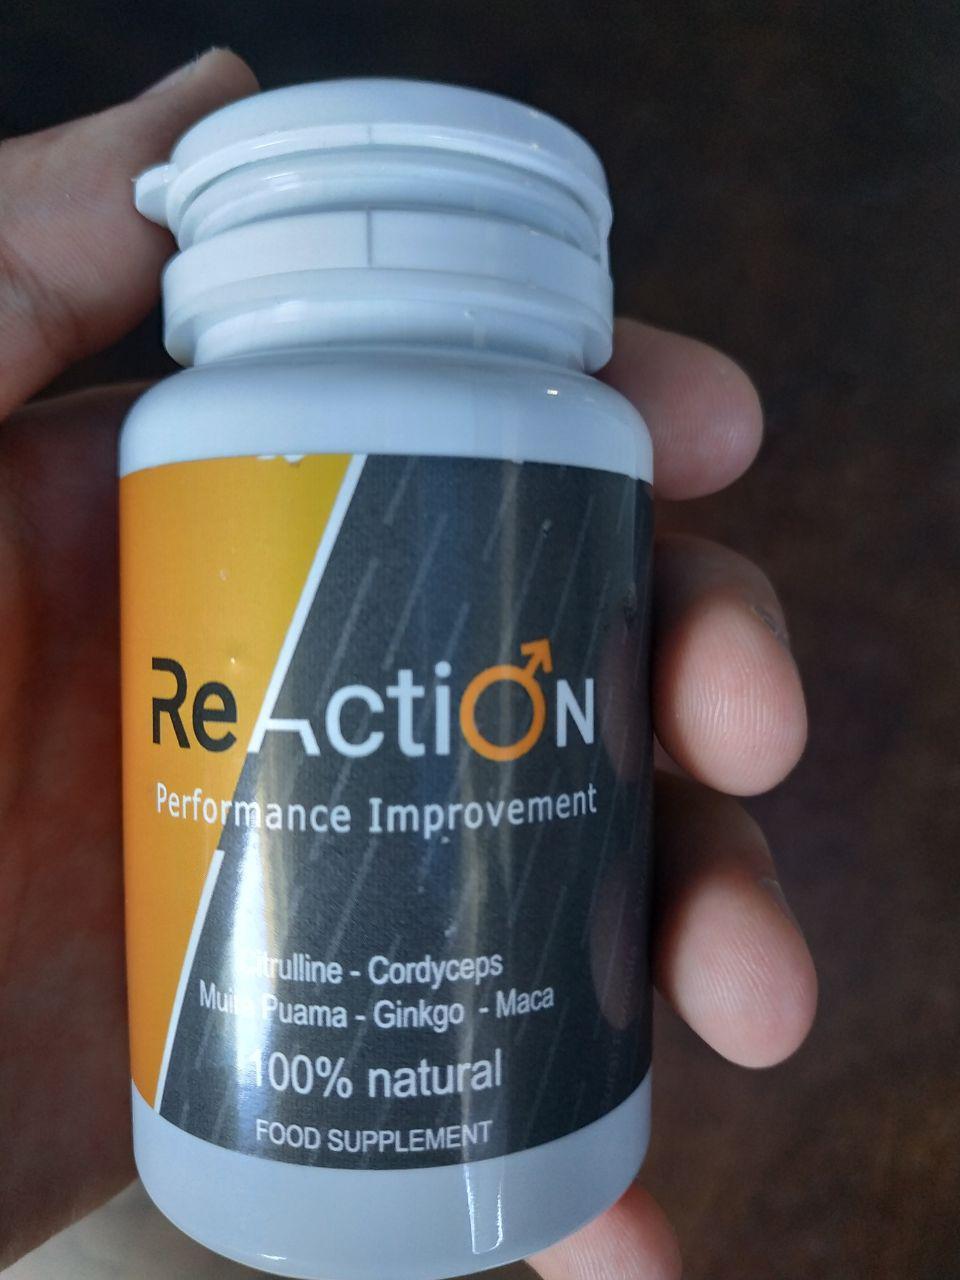 egyetlen erekciós tabletta sem segít